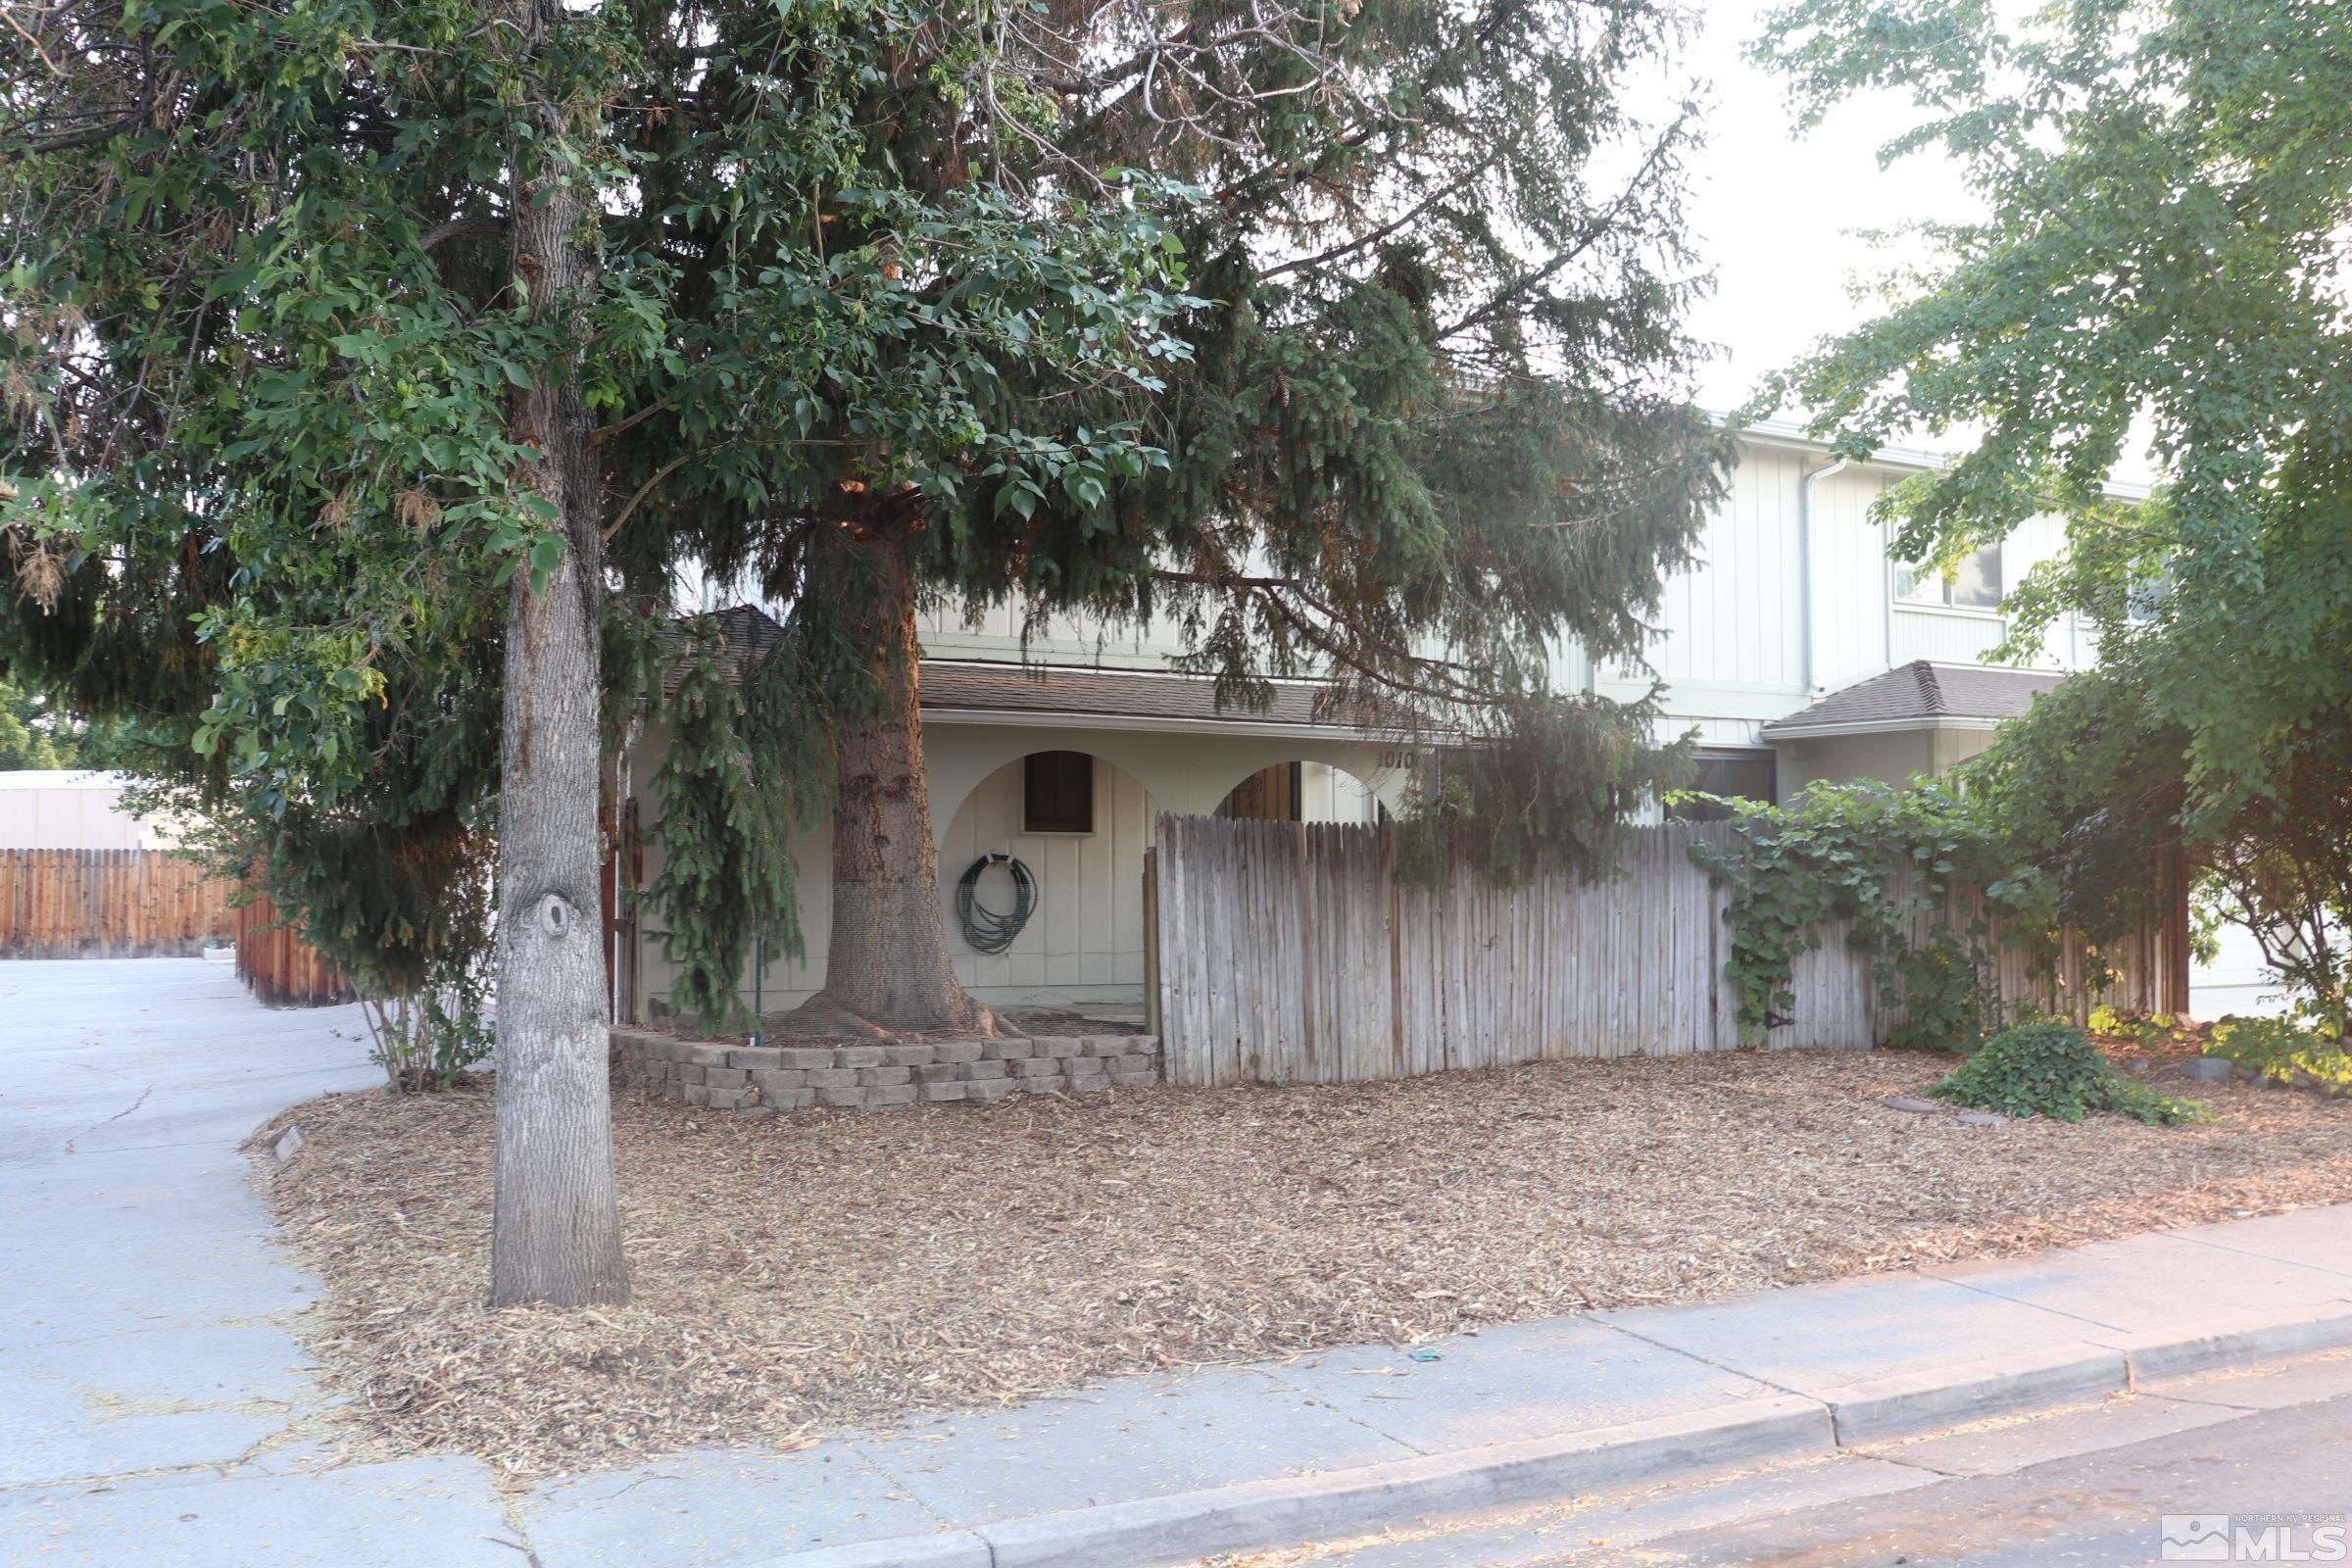 Image for 1010 E Huffaker, Reno, NV 89511-0001